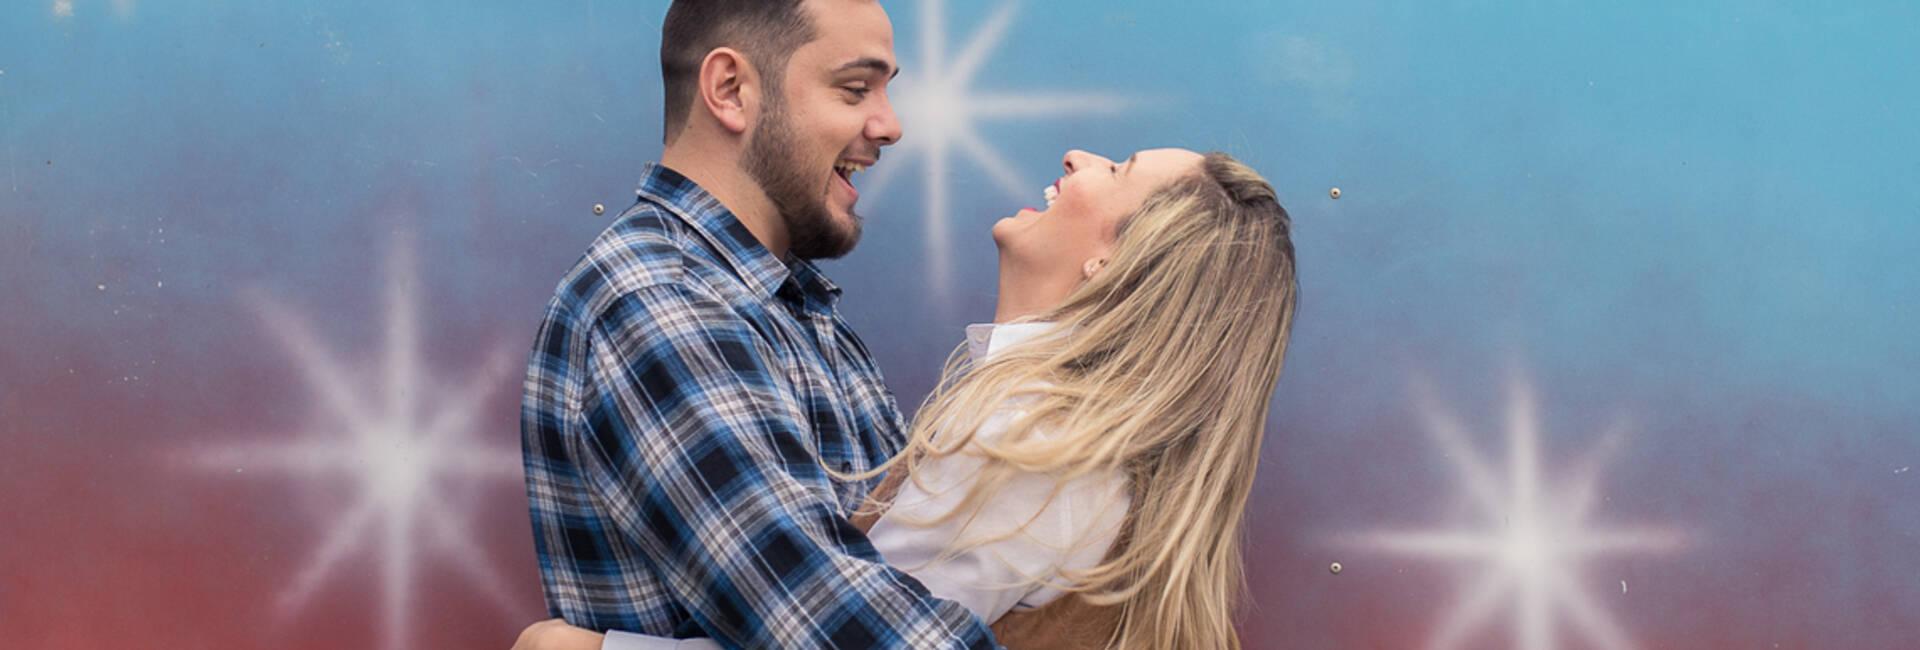 Ensaio pré-casamento de Lara e Cleiton